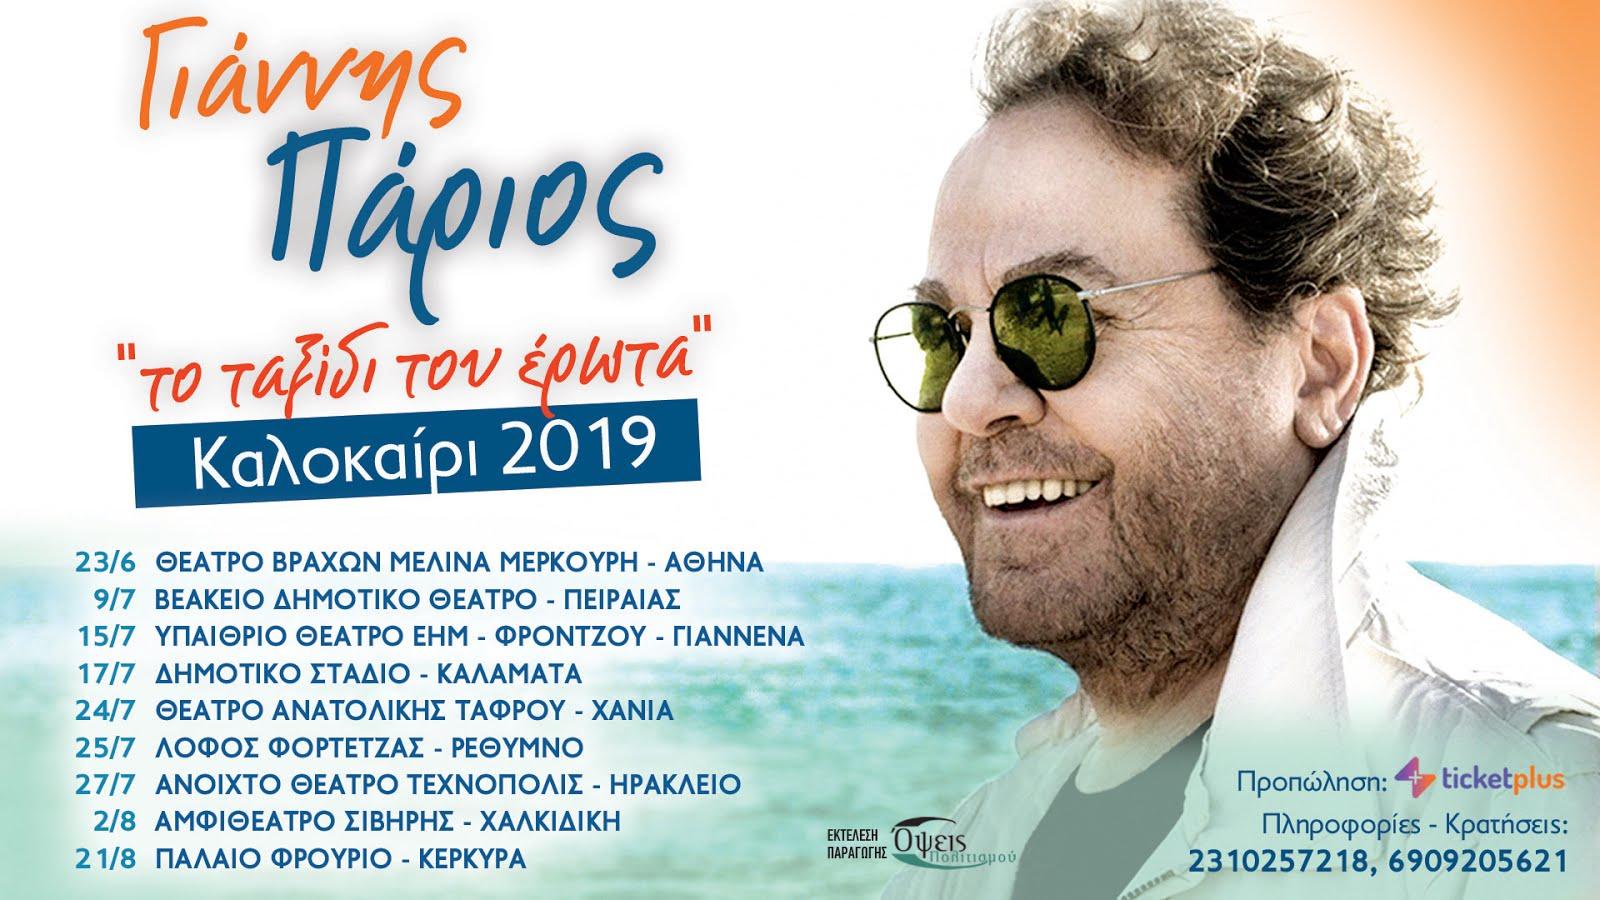 """Γιάννης Πάριος """" Το ταξίδι του έρωτα """" Καλοκαίρι 2019"""